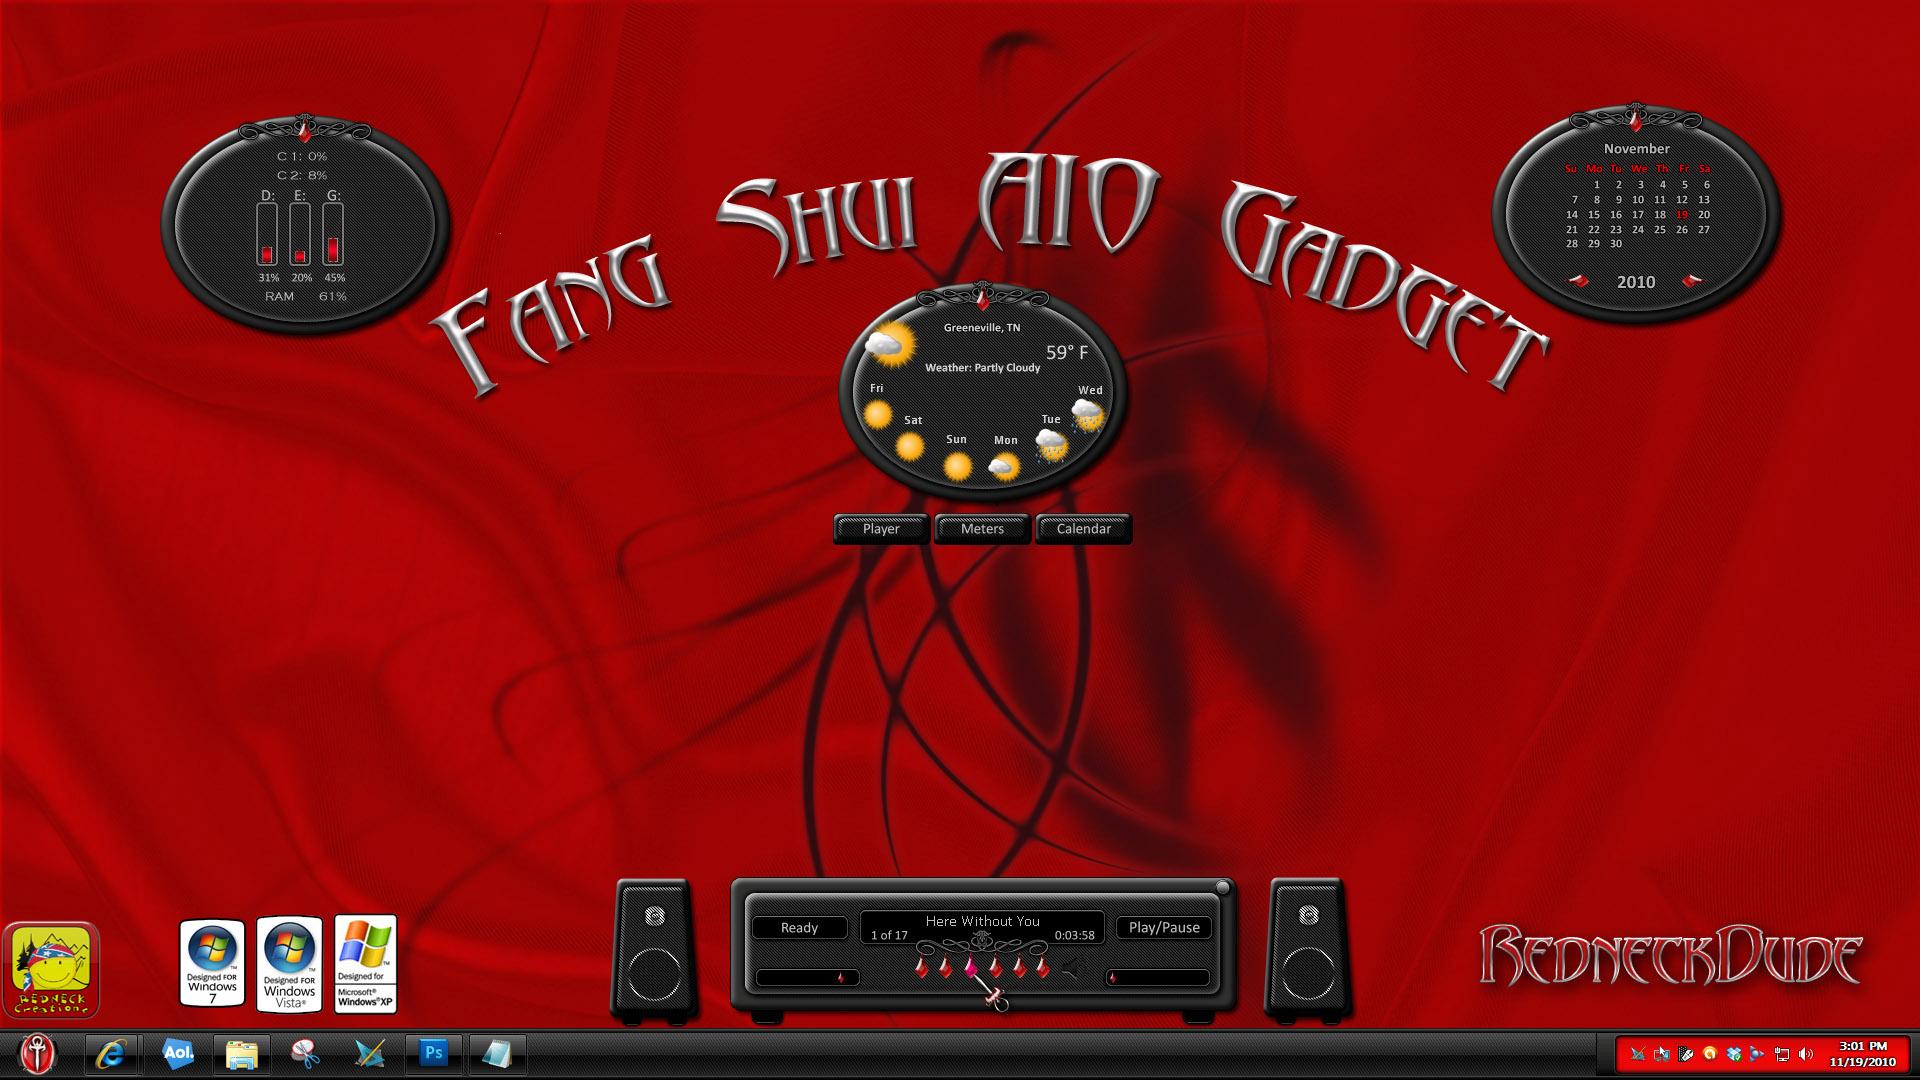 Fang Shui AIO Gadget